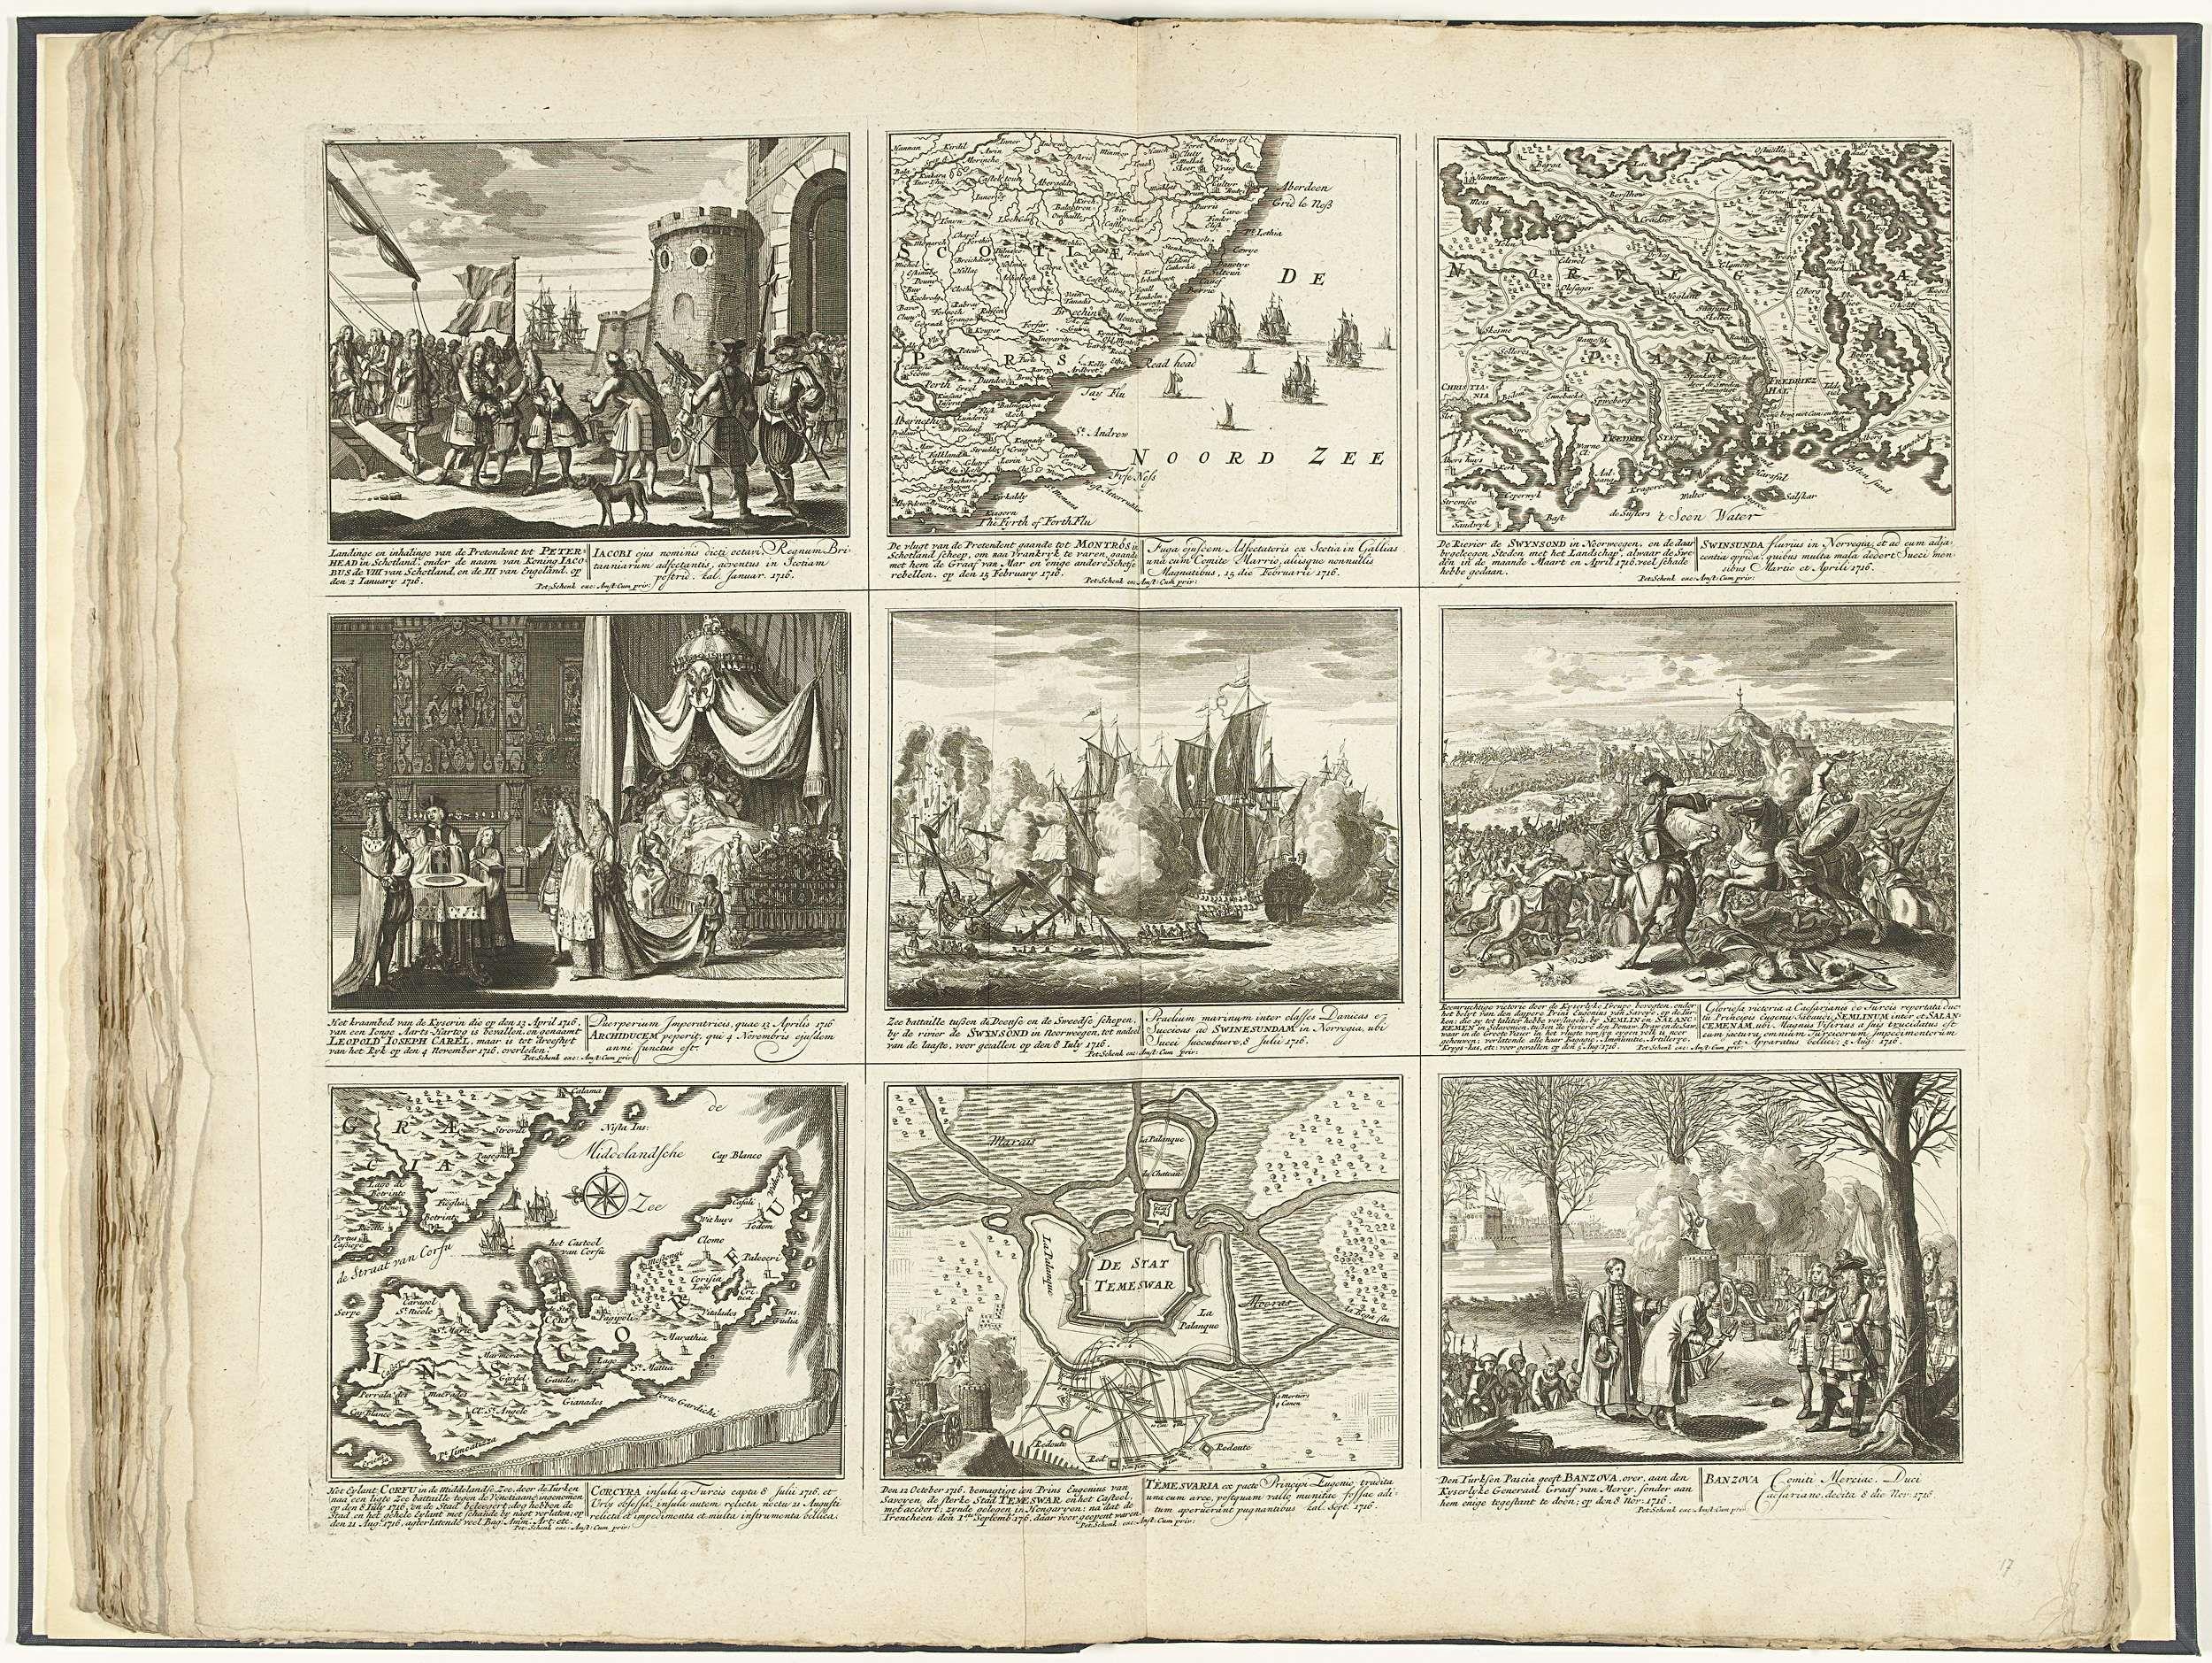 Pieter Schenk (I)   Schouwtoneel van den oorlog (blad XVII), 1716, Pieter Schenk (I), 1716 - 1720   Blad met negen voorstellingen van gebeurtenissen uit het jaar 1716 waaronder enkele kaarten. Opschriften in de voorstelling in het Nederlands en Latijn. Plaat 16 in het prentwerk met de gebundelde reeks van 33 platen met voorstellingen (het merendeel verdeeld in 9 kleinere scènes) van gebeurtenissen uit de jaren 1700-1727 van de Spaanse Successieoorlog en de jaren daarna, kaarten en…